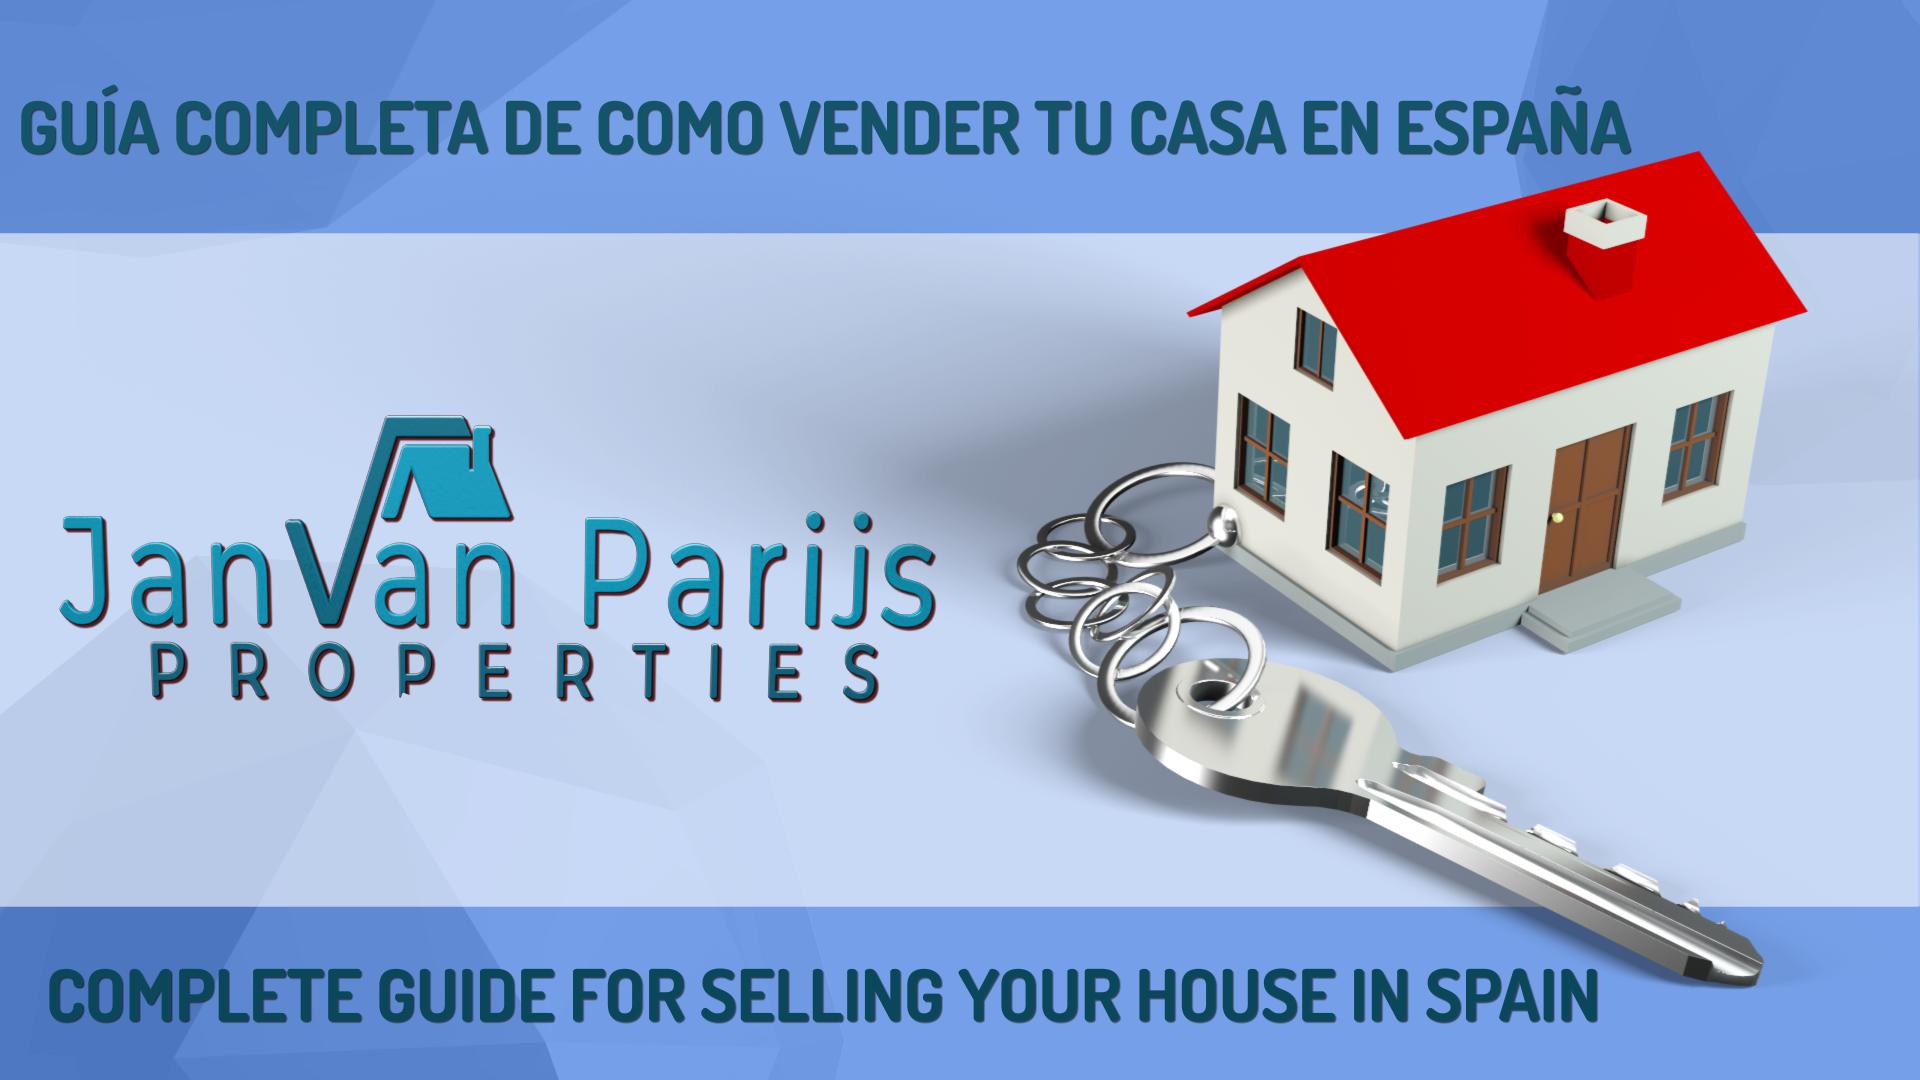 Guía completa de cómo vender tu casa